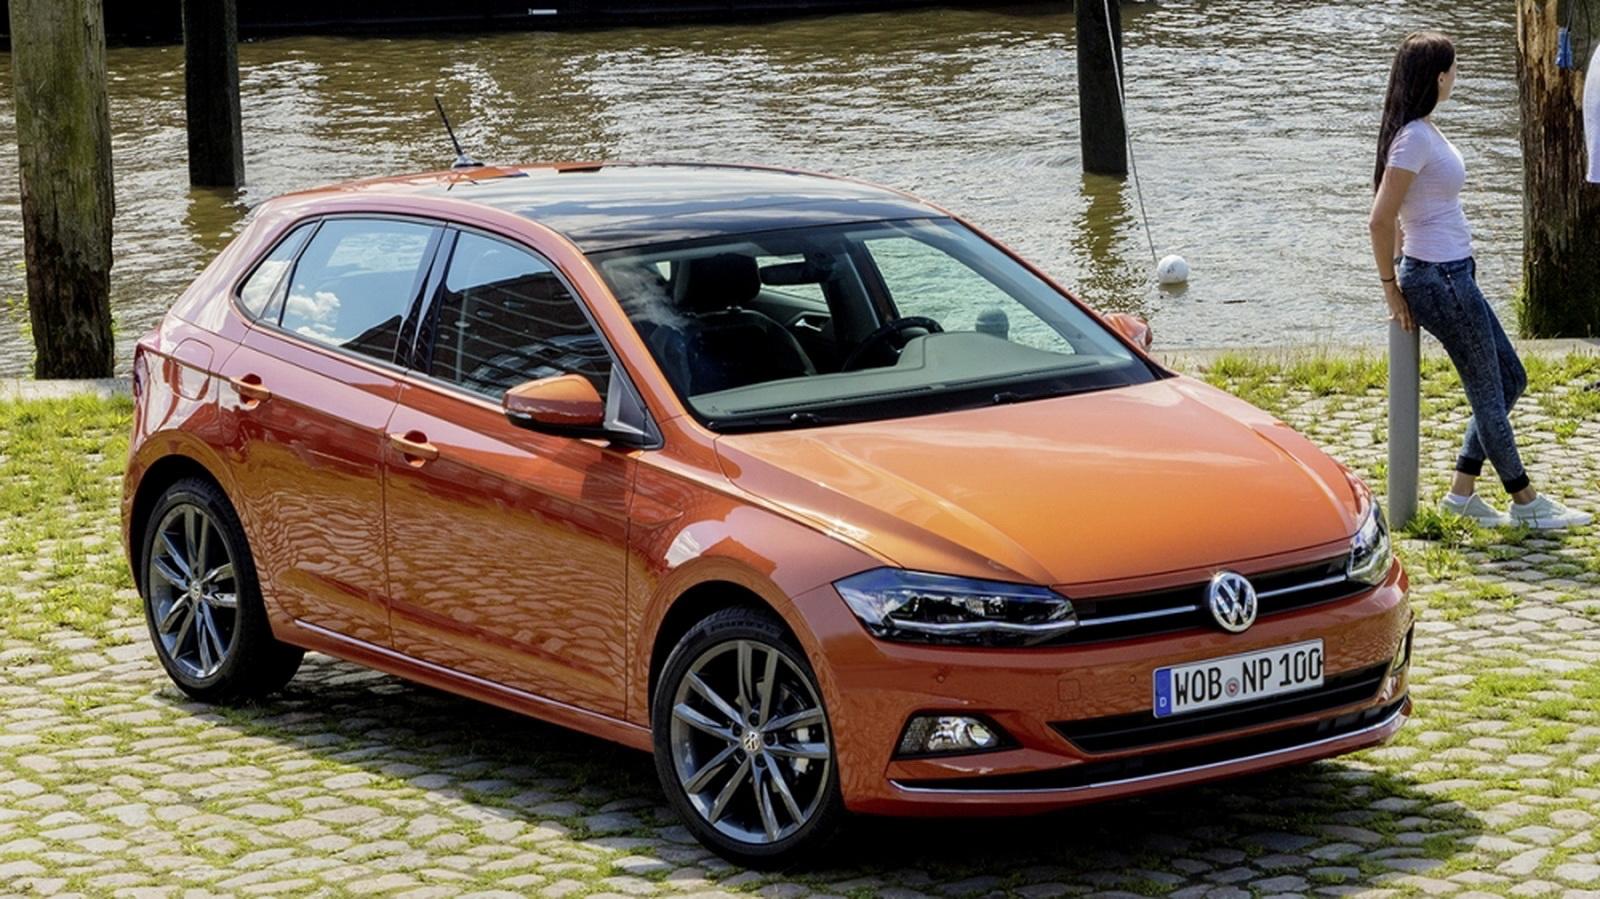 圖/2020 Volkswagen Polo 230 TSI Life完美融合新世代Polo與家族經典元素,更寬闊的車身比例,展現出俐落動感的氣息。